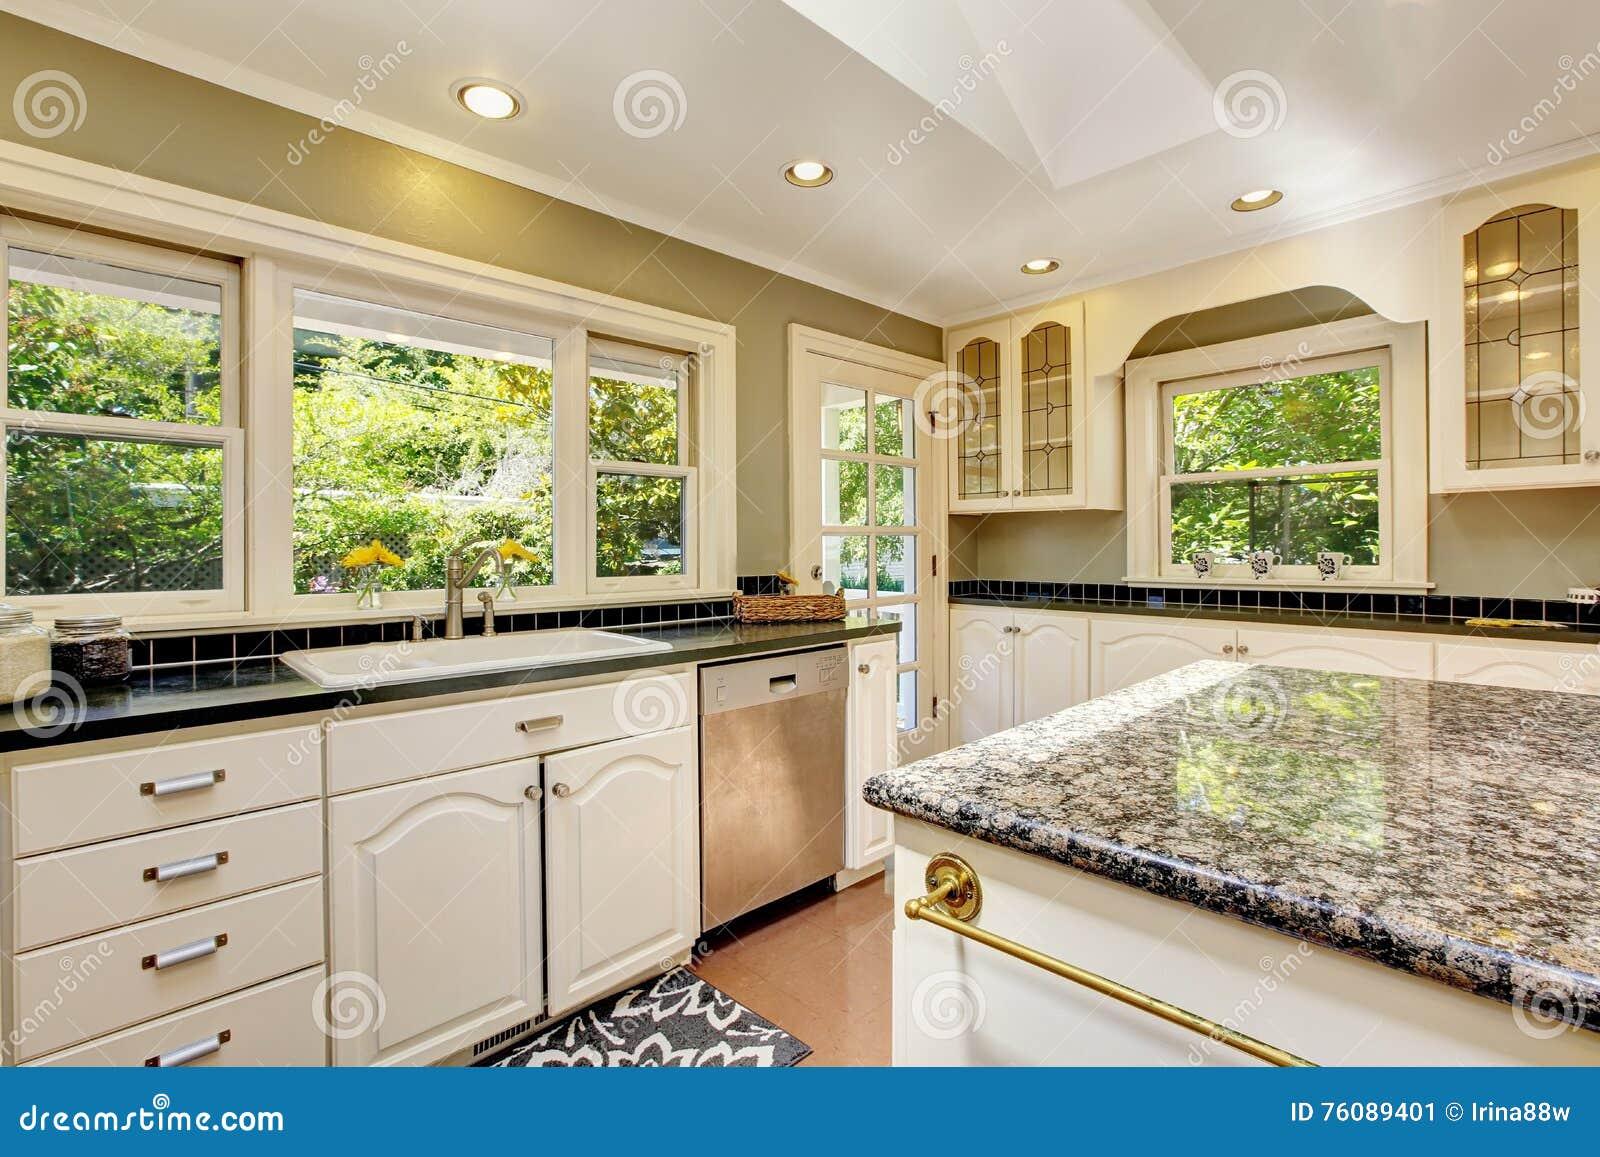 Weiße Küche Mit Granitoberteilen Kücheninsel Und -Fliesenboden ...